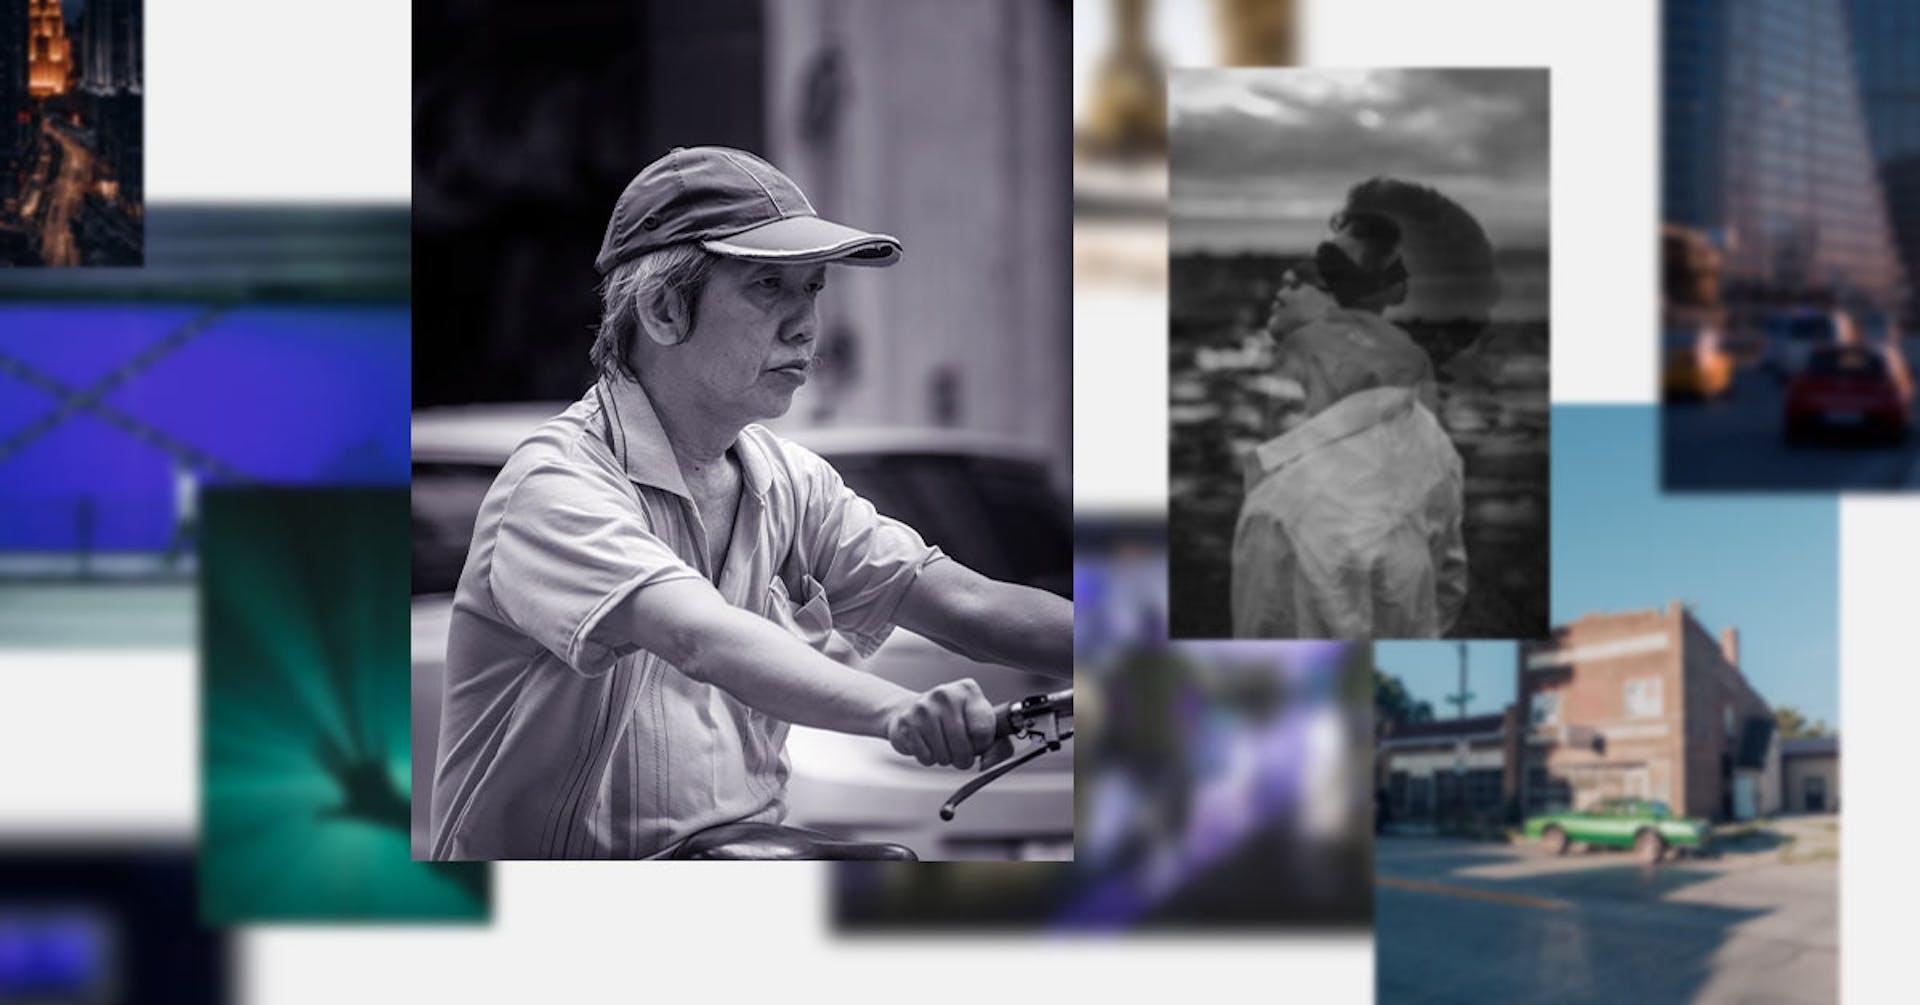 El poder de la fotografía documental y su pasión por narrar historias